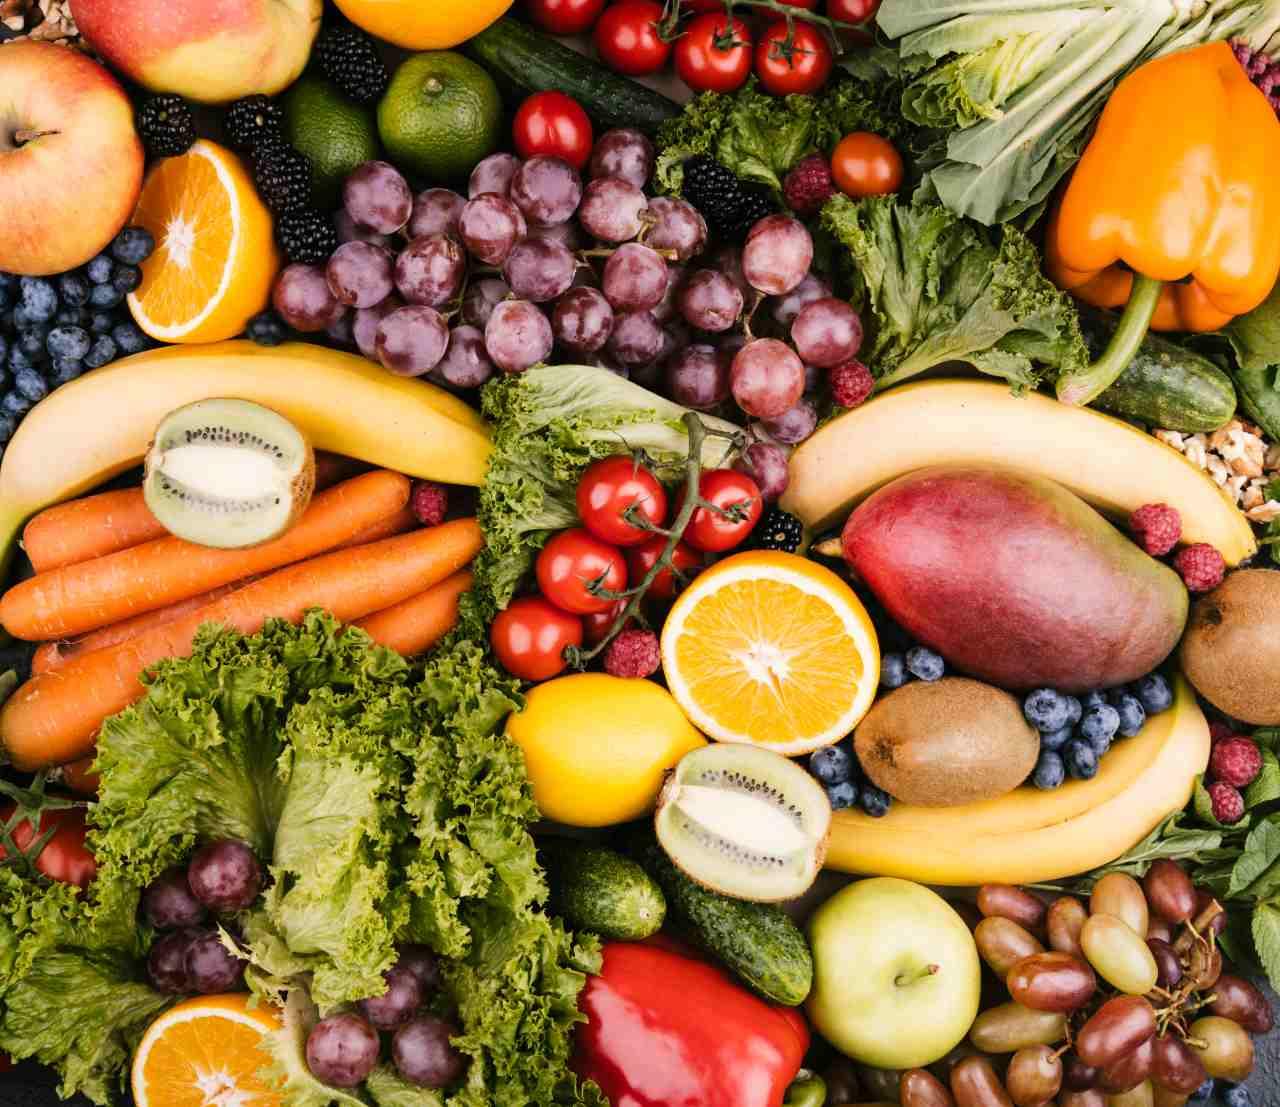 vláknina a chudnutie, Vláknina a chudnutie: dokážeme sa zbaviť tuku vďaka jednoduchej zmene jedálnička?